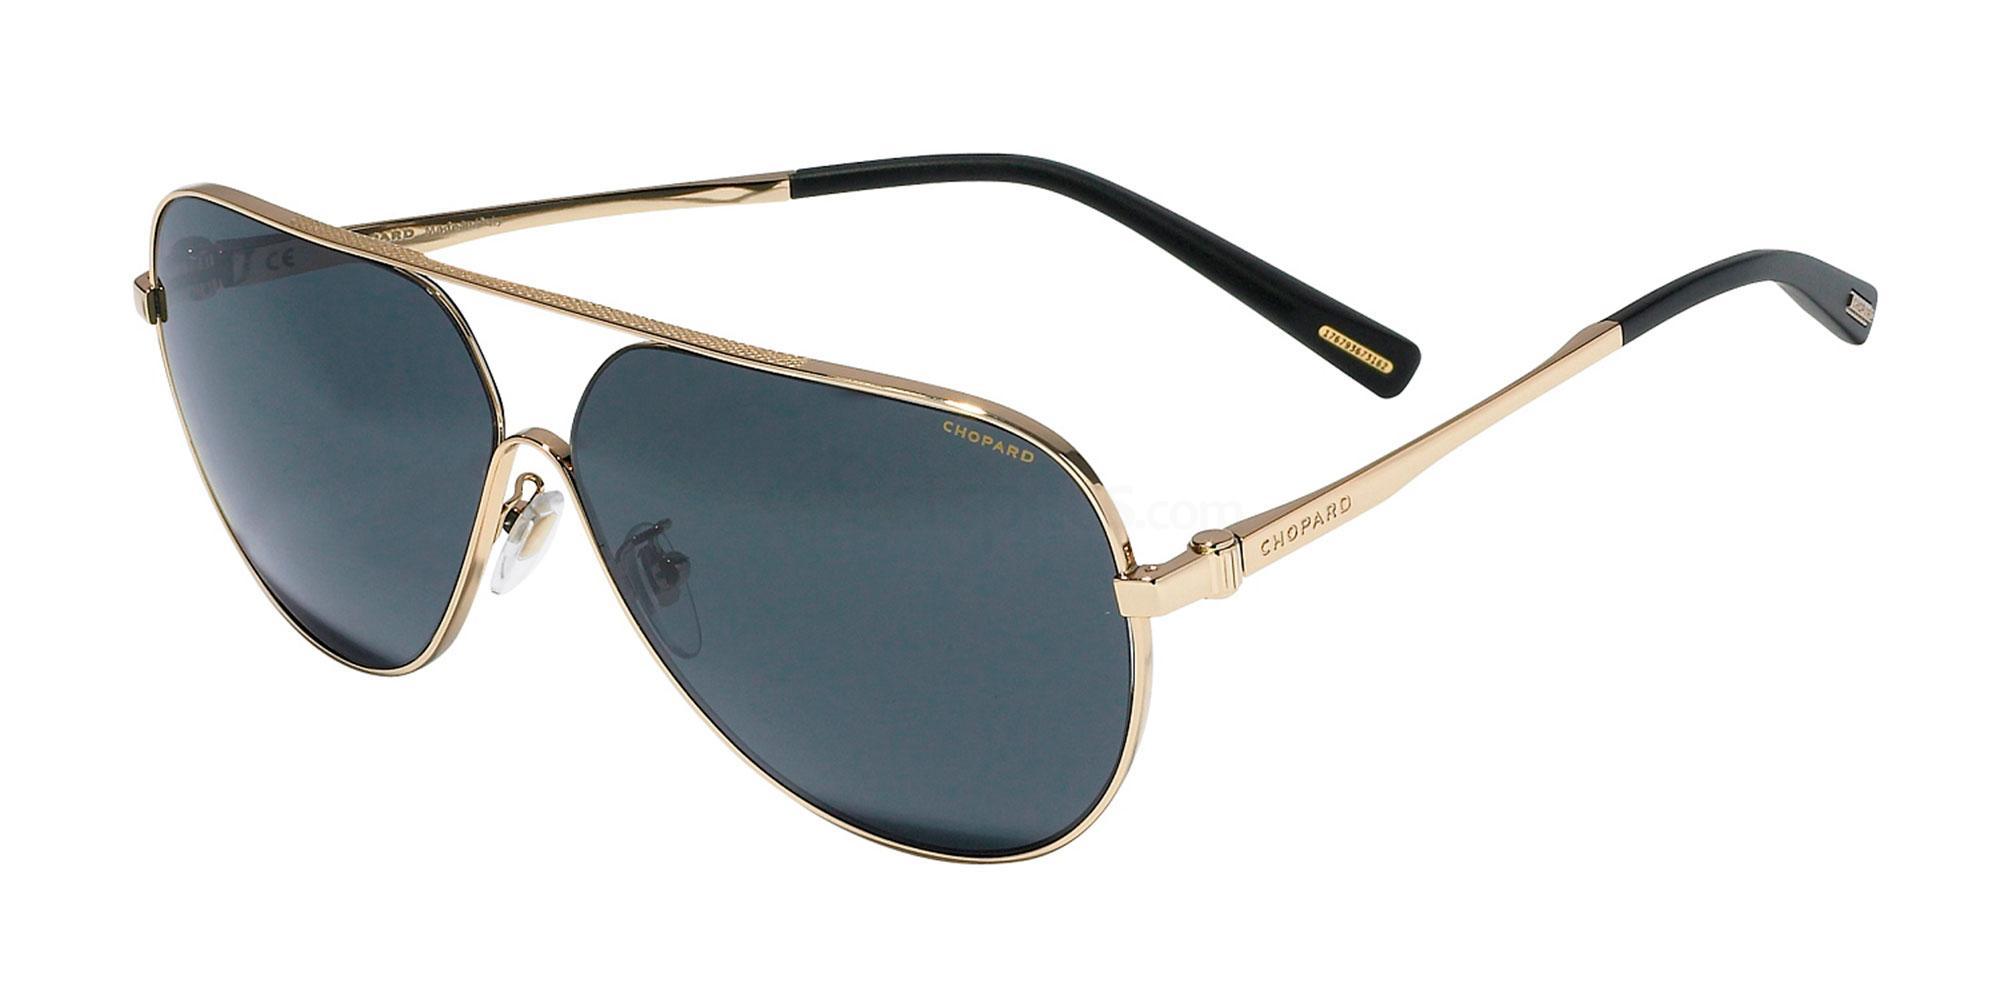 300W SCHC30 Sunglasses, Chopard